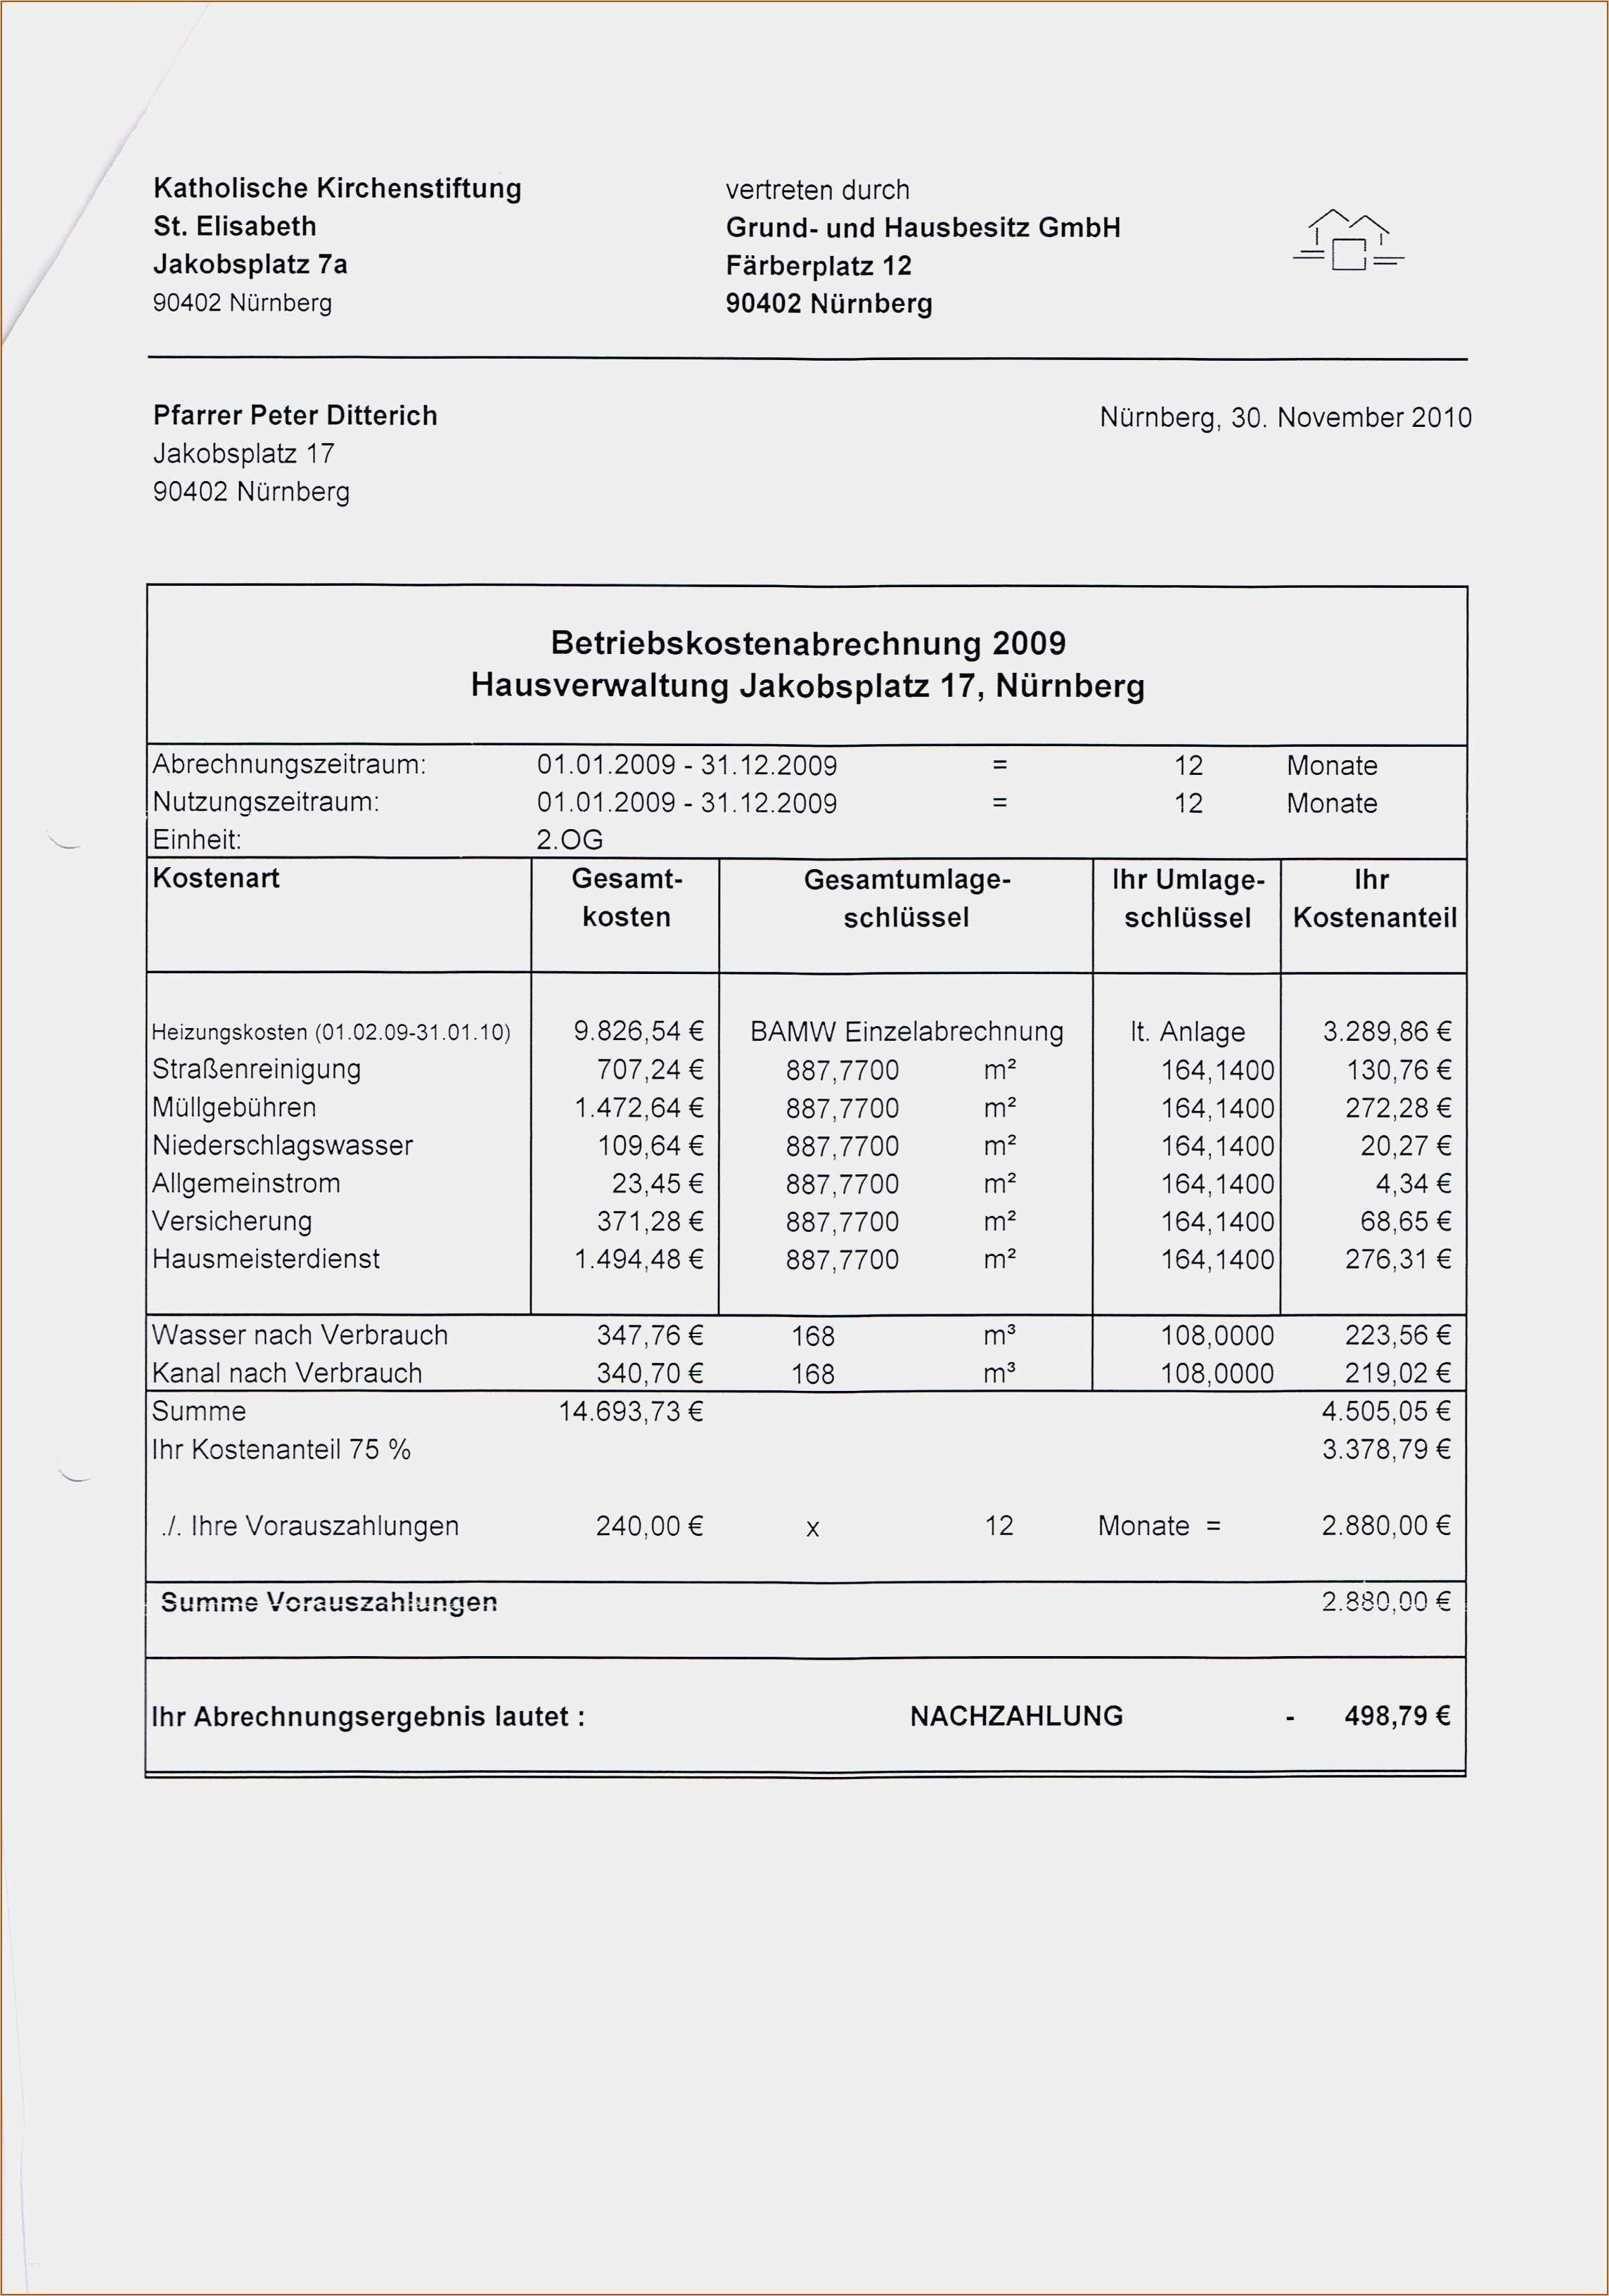 33 Neu Nebenkostenabrechnung Vermieter Vorlage Vorrate Vorlagen Word Vorlagen Lebenslauf Vorlagen